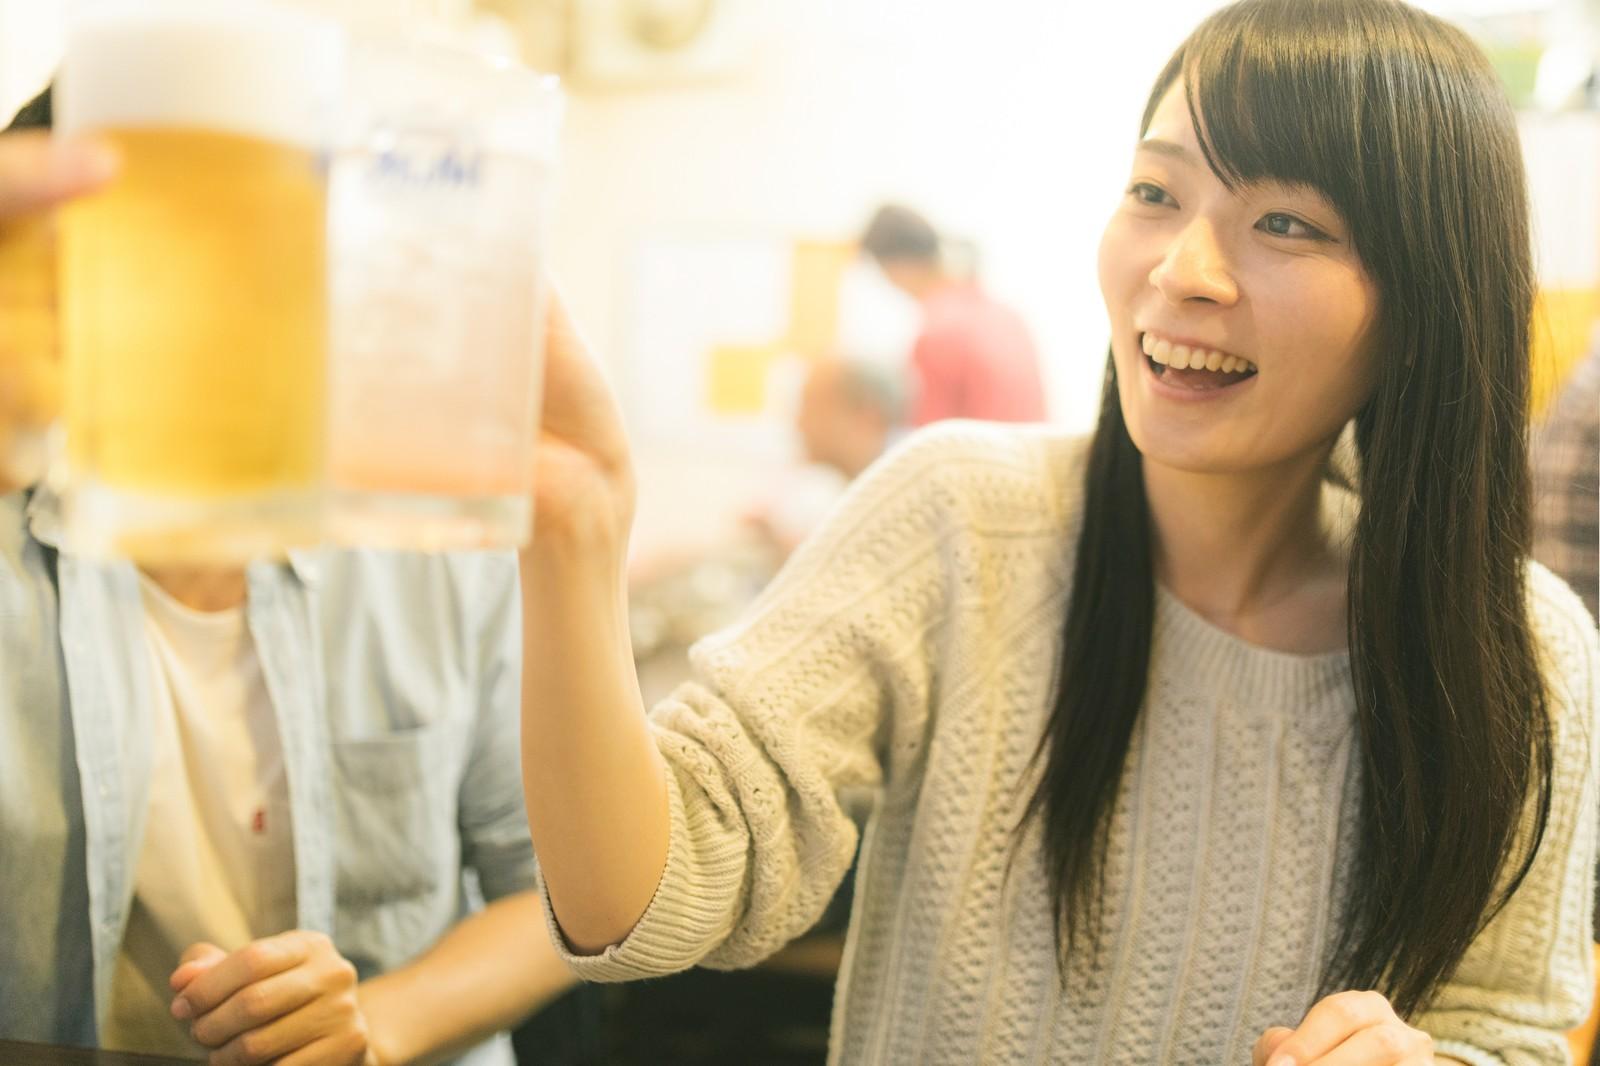 立川のビアガーデン特集2017!人気の飲み放題もありでおすすめ!